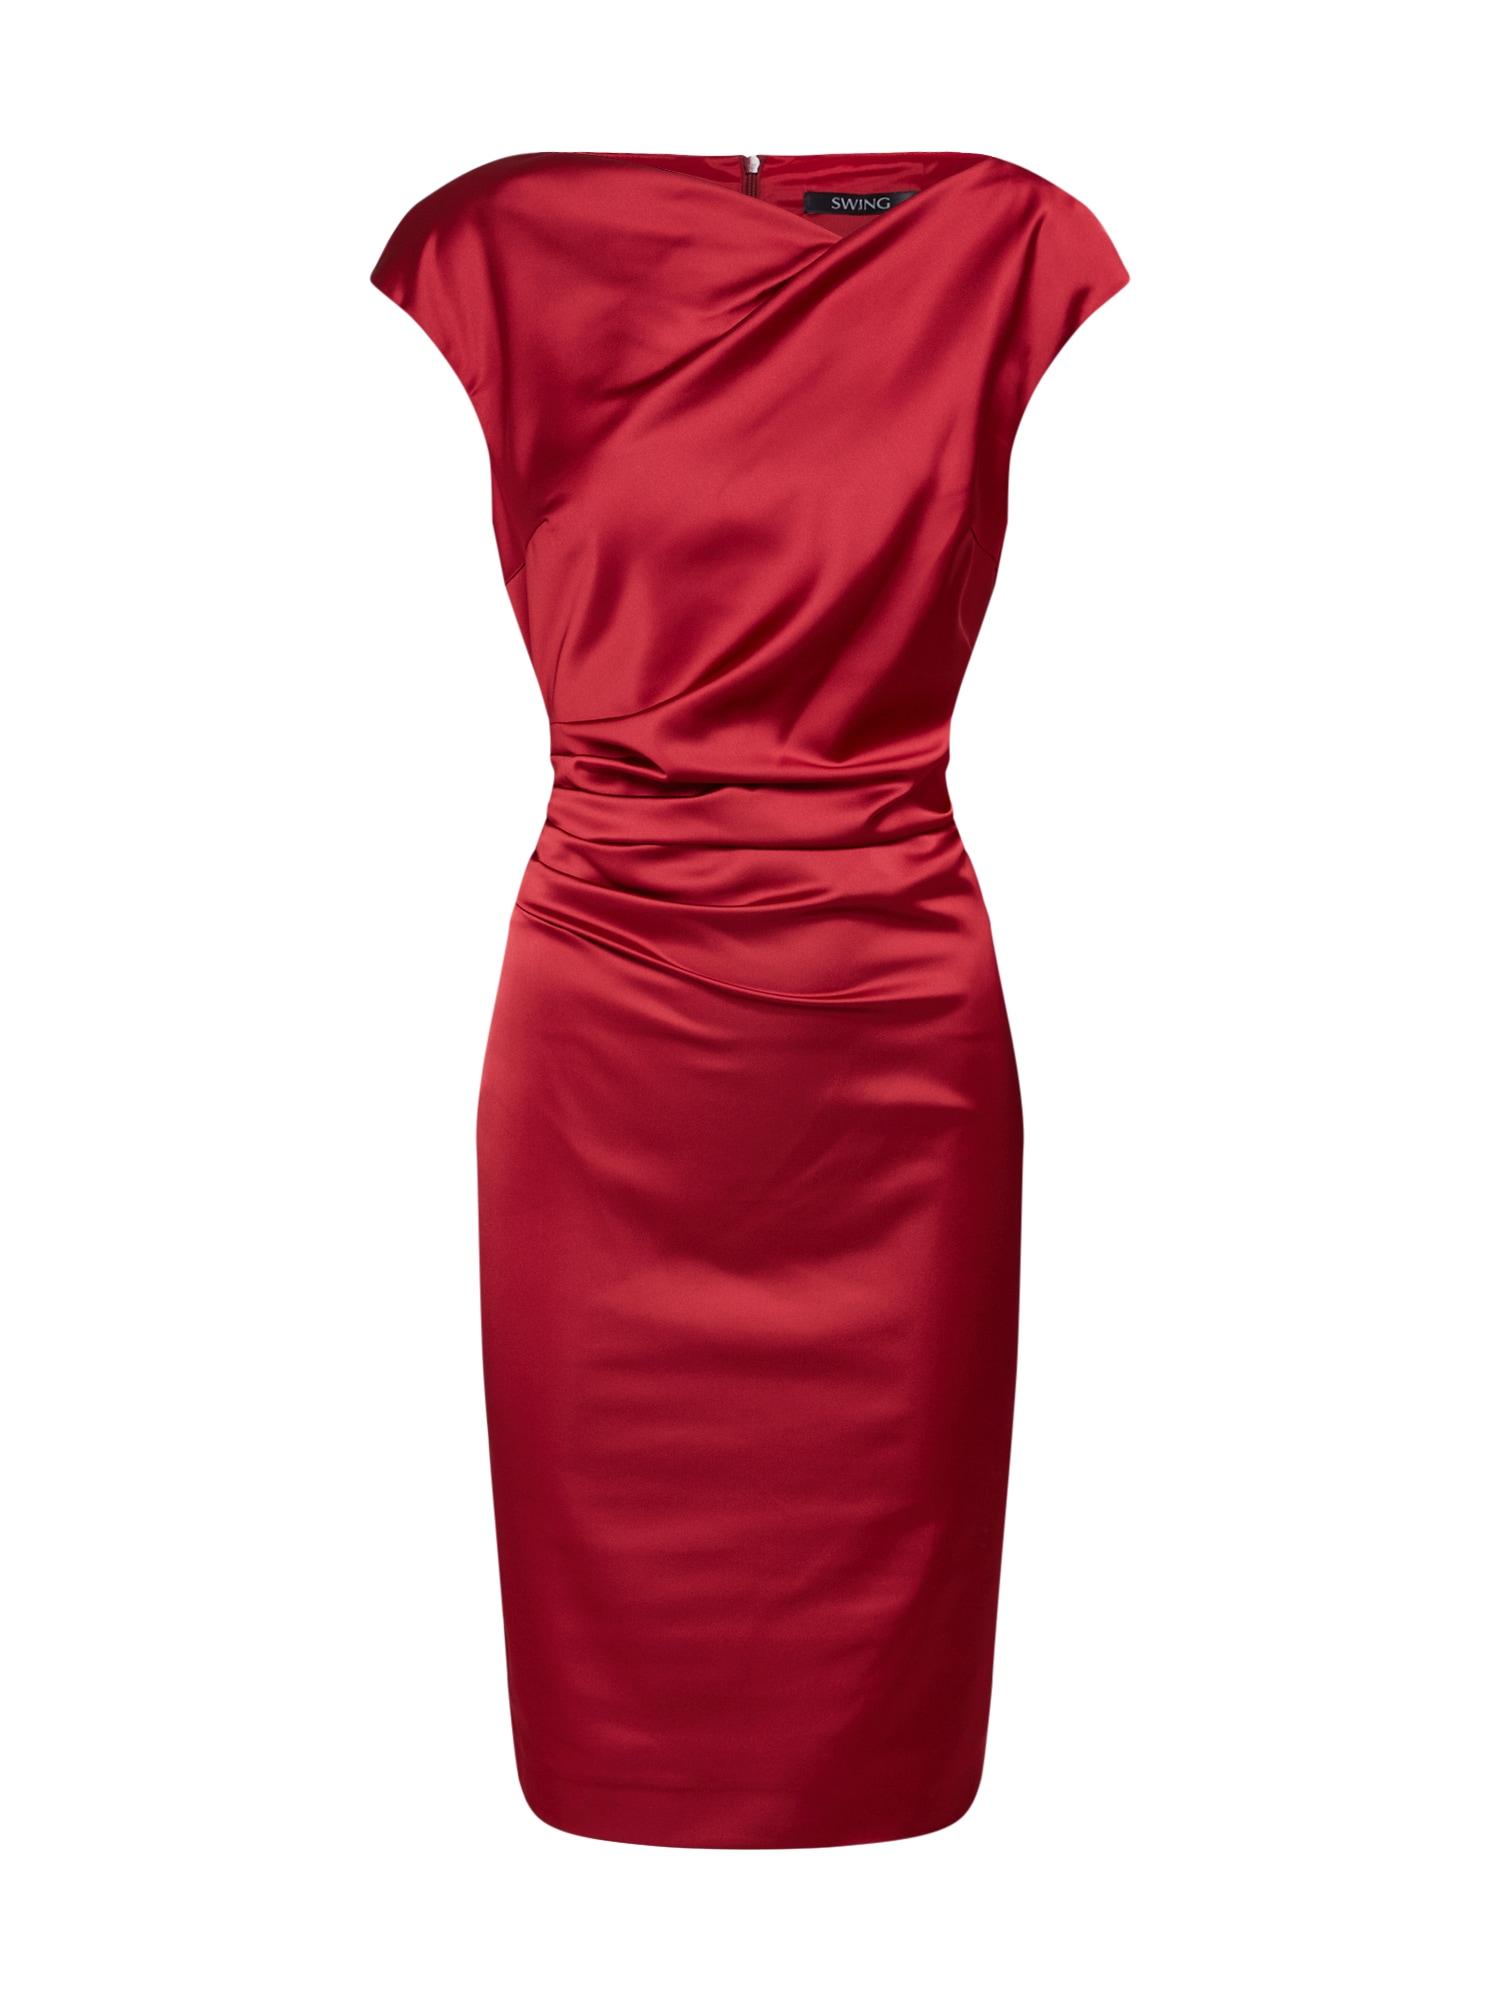 SWING Trumpa kokteilinė suknelė vyno raudona spalva